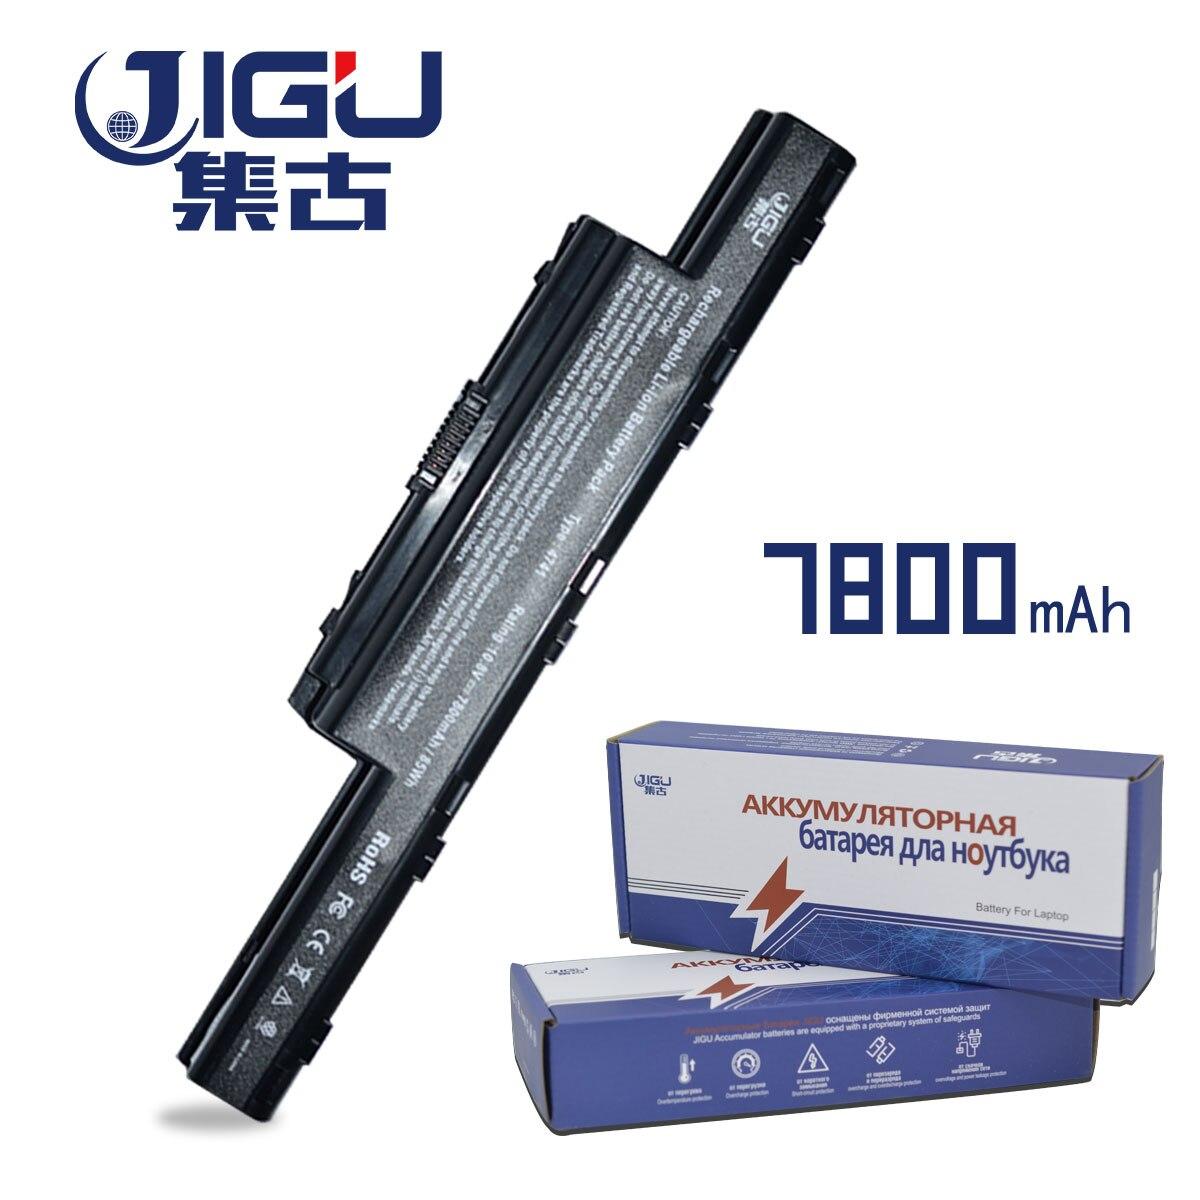 JIGU Laptop Battery For Acer Aspire 5552 5552G 5560G 5733 5733Z 5736G 5736Z 5741 5741G 5741Z 5742Z 5749 5742G 5749Z 5750 5750G